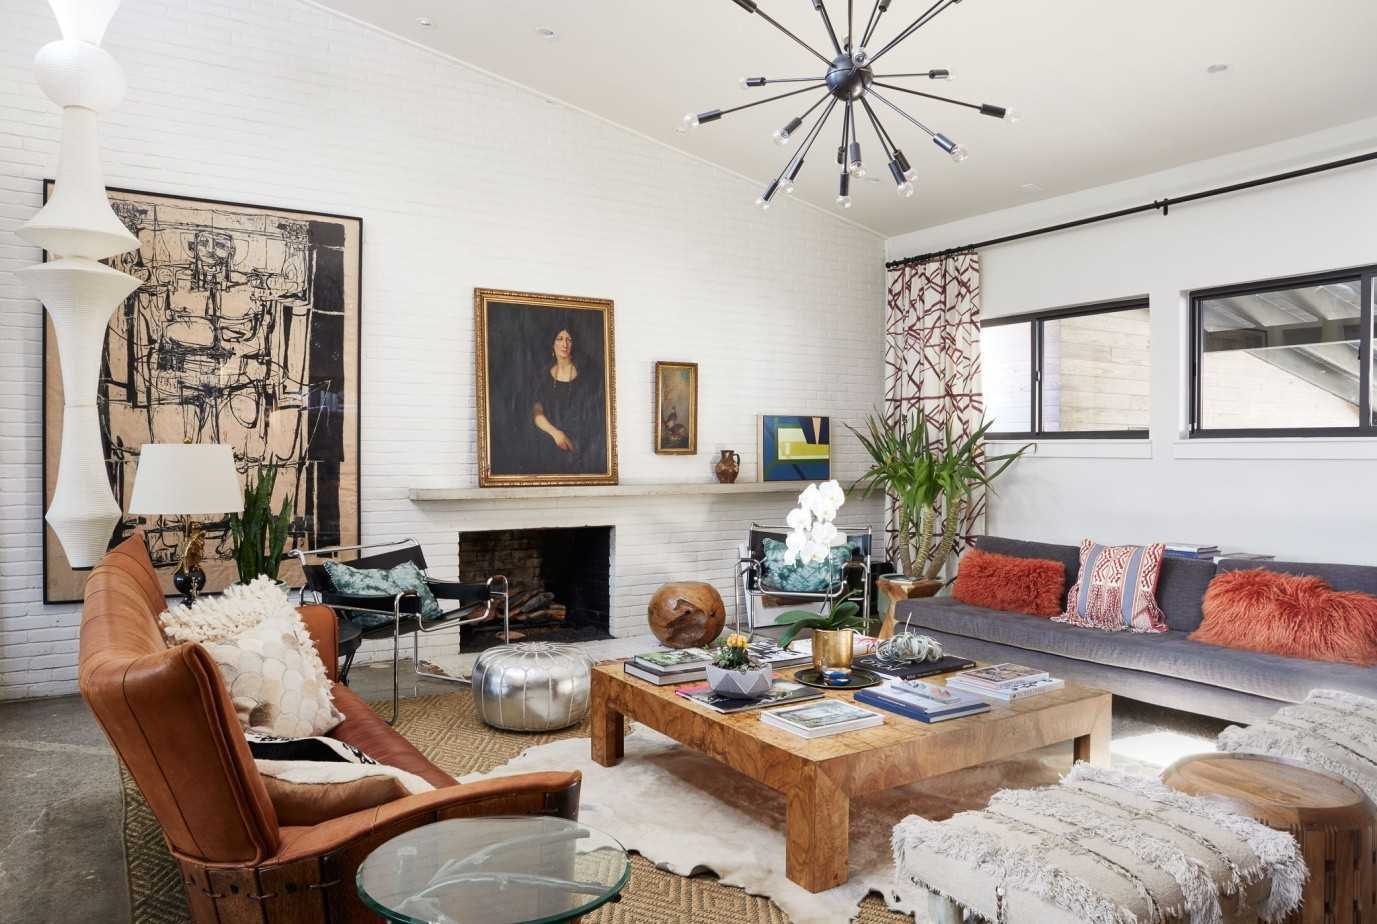 Ide desain ruang tamu tema Eclectic Scandinavian [Sumber: gmaillogina.com]